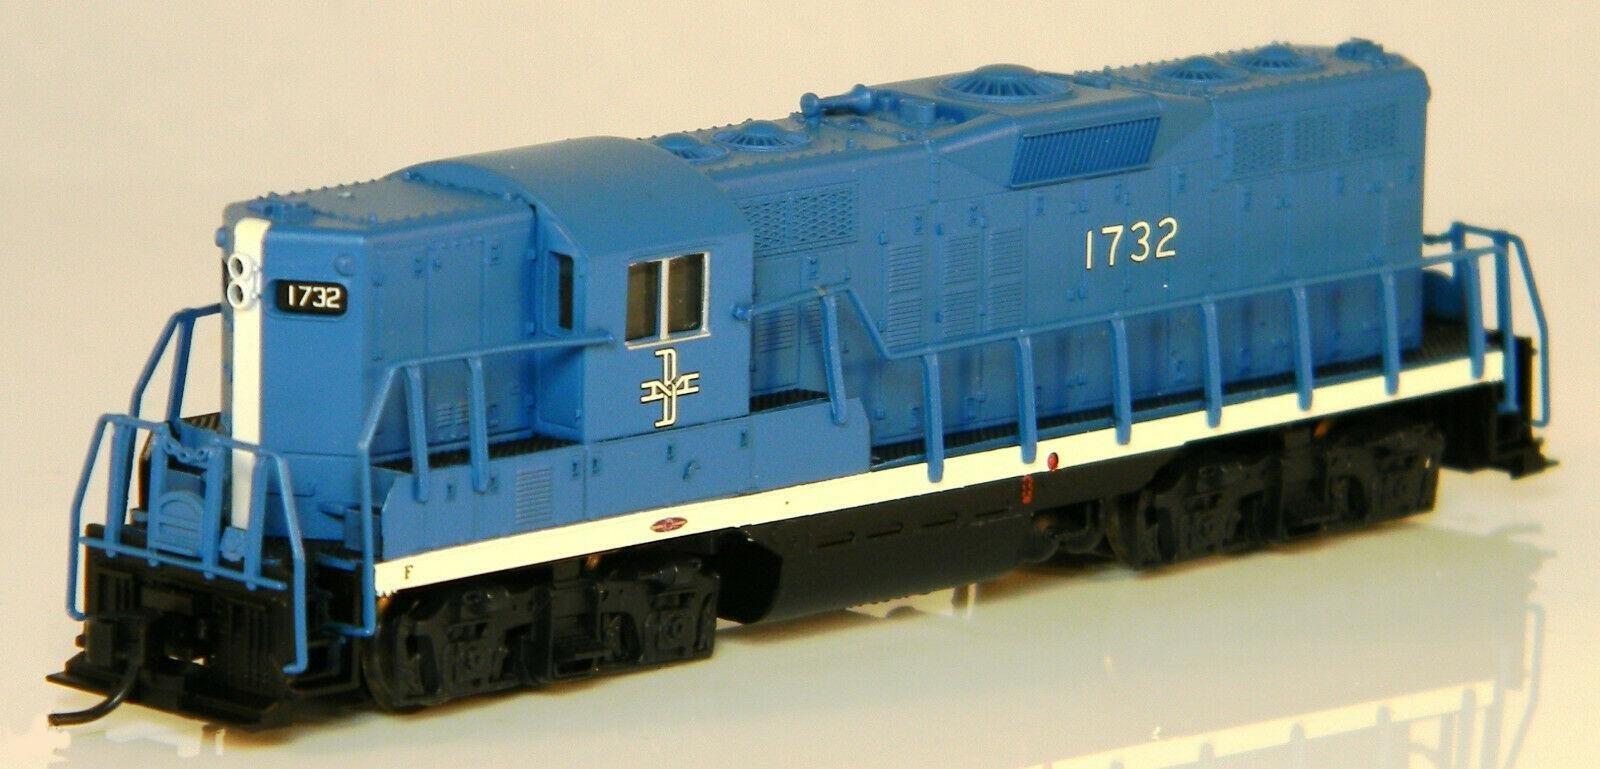 N Scale - Atlas - 40 000 427 - Locomotive, Diesel, EMD GP9 - Boston & Maine - 1732